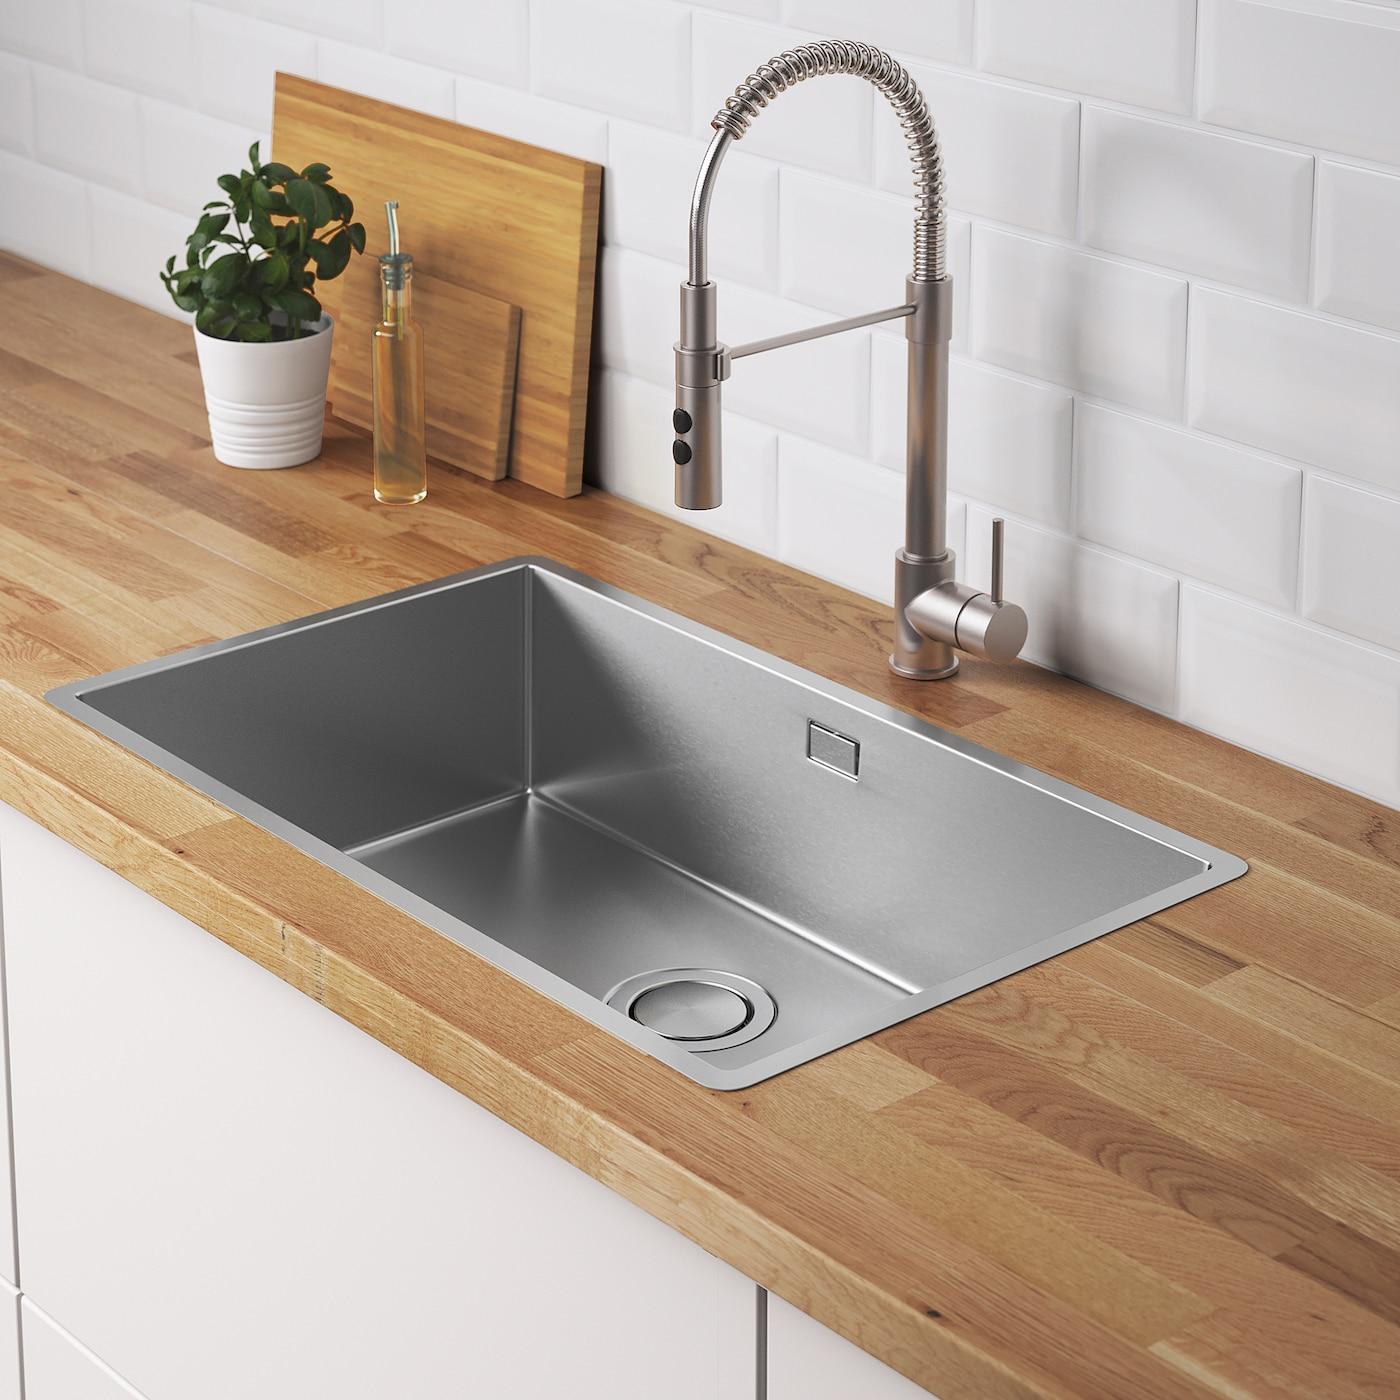 konyhai mosogató víz csatlakoztatása